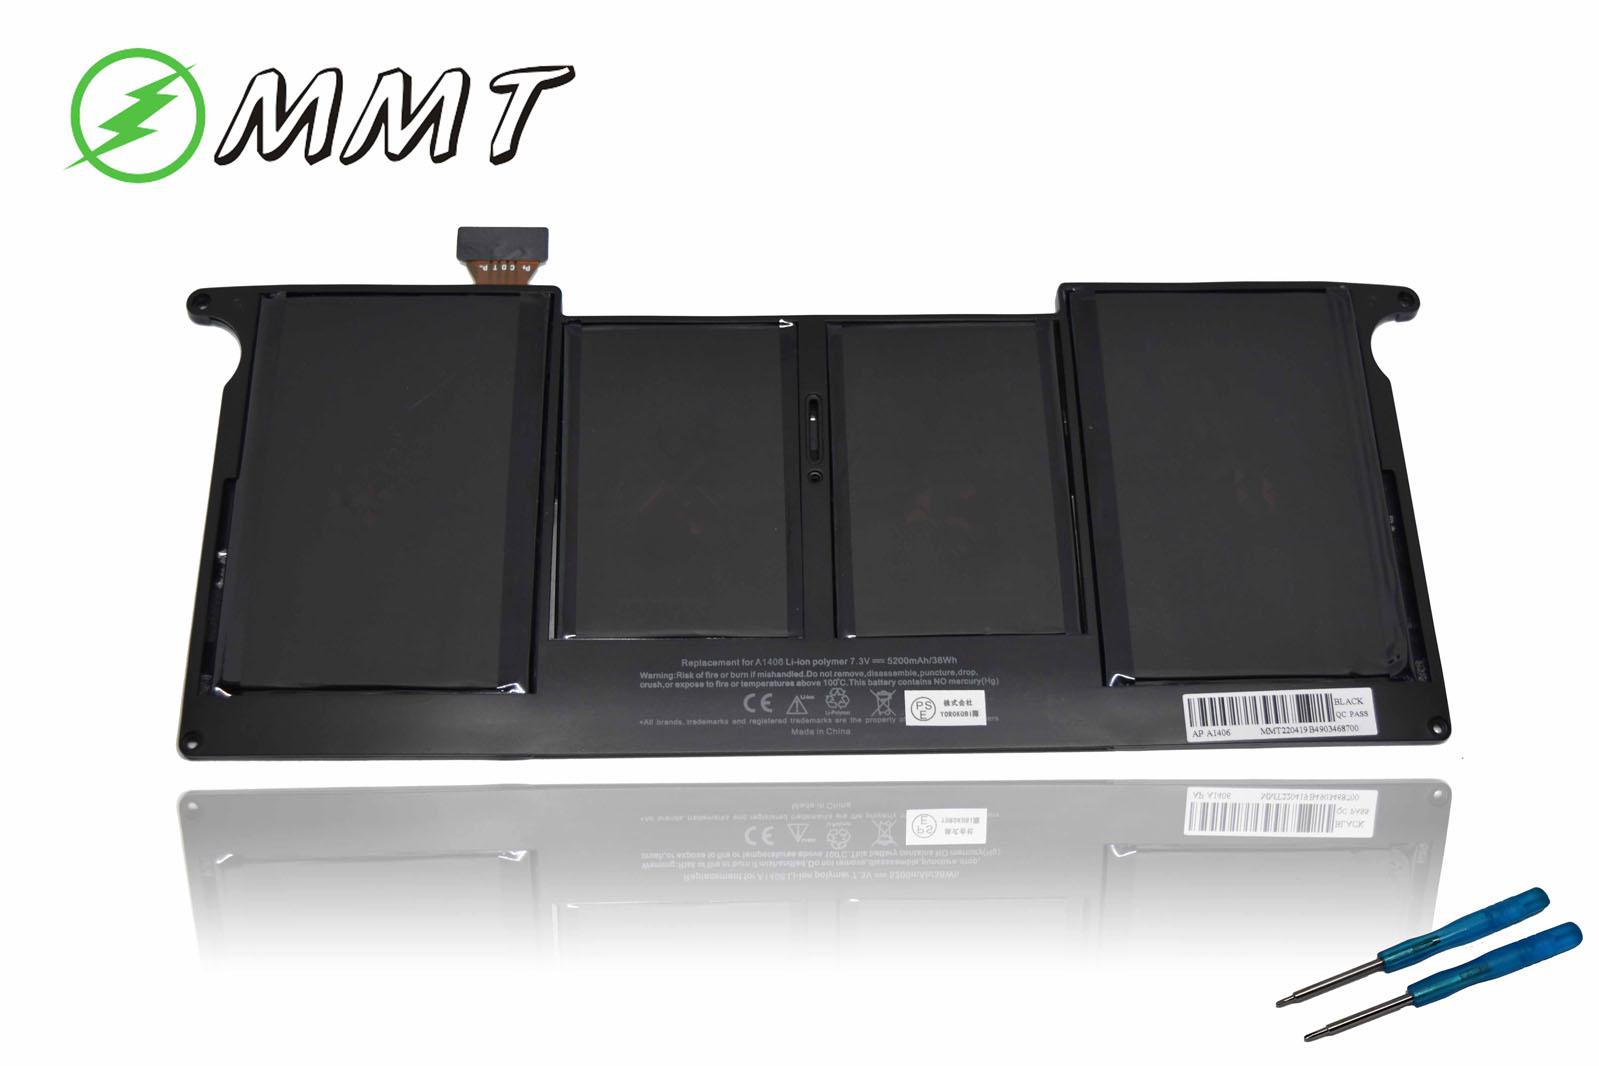 全国送料無料 最安値徹底挑戦 日本国内向け NEW ブランドセル使用 アップル 新品 APPLE MacBook Air 11 Inch A1495 A1406 まとめ買い特価 バッテリー A1465 A1370 互換